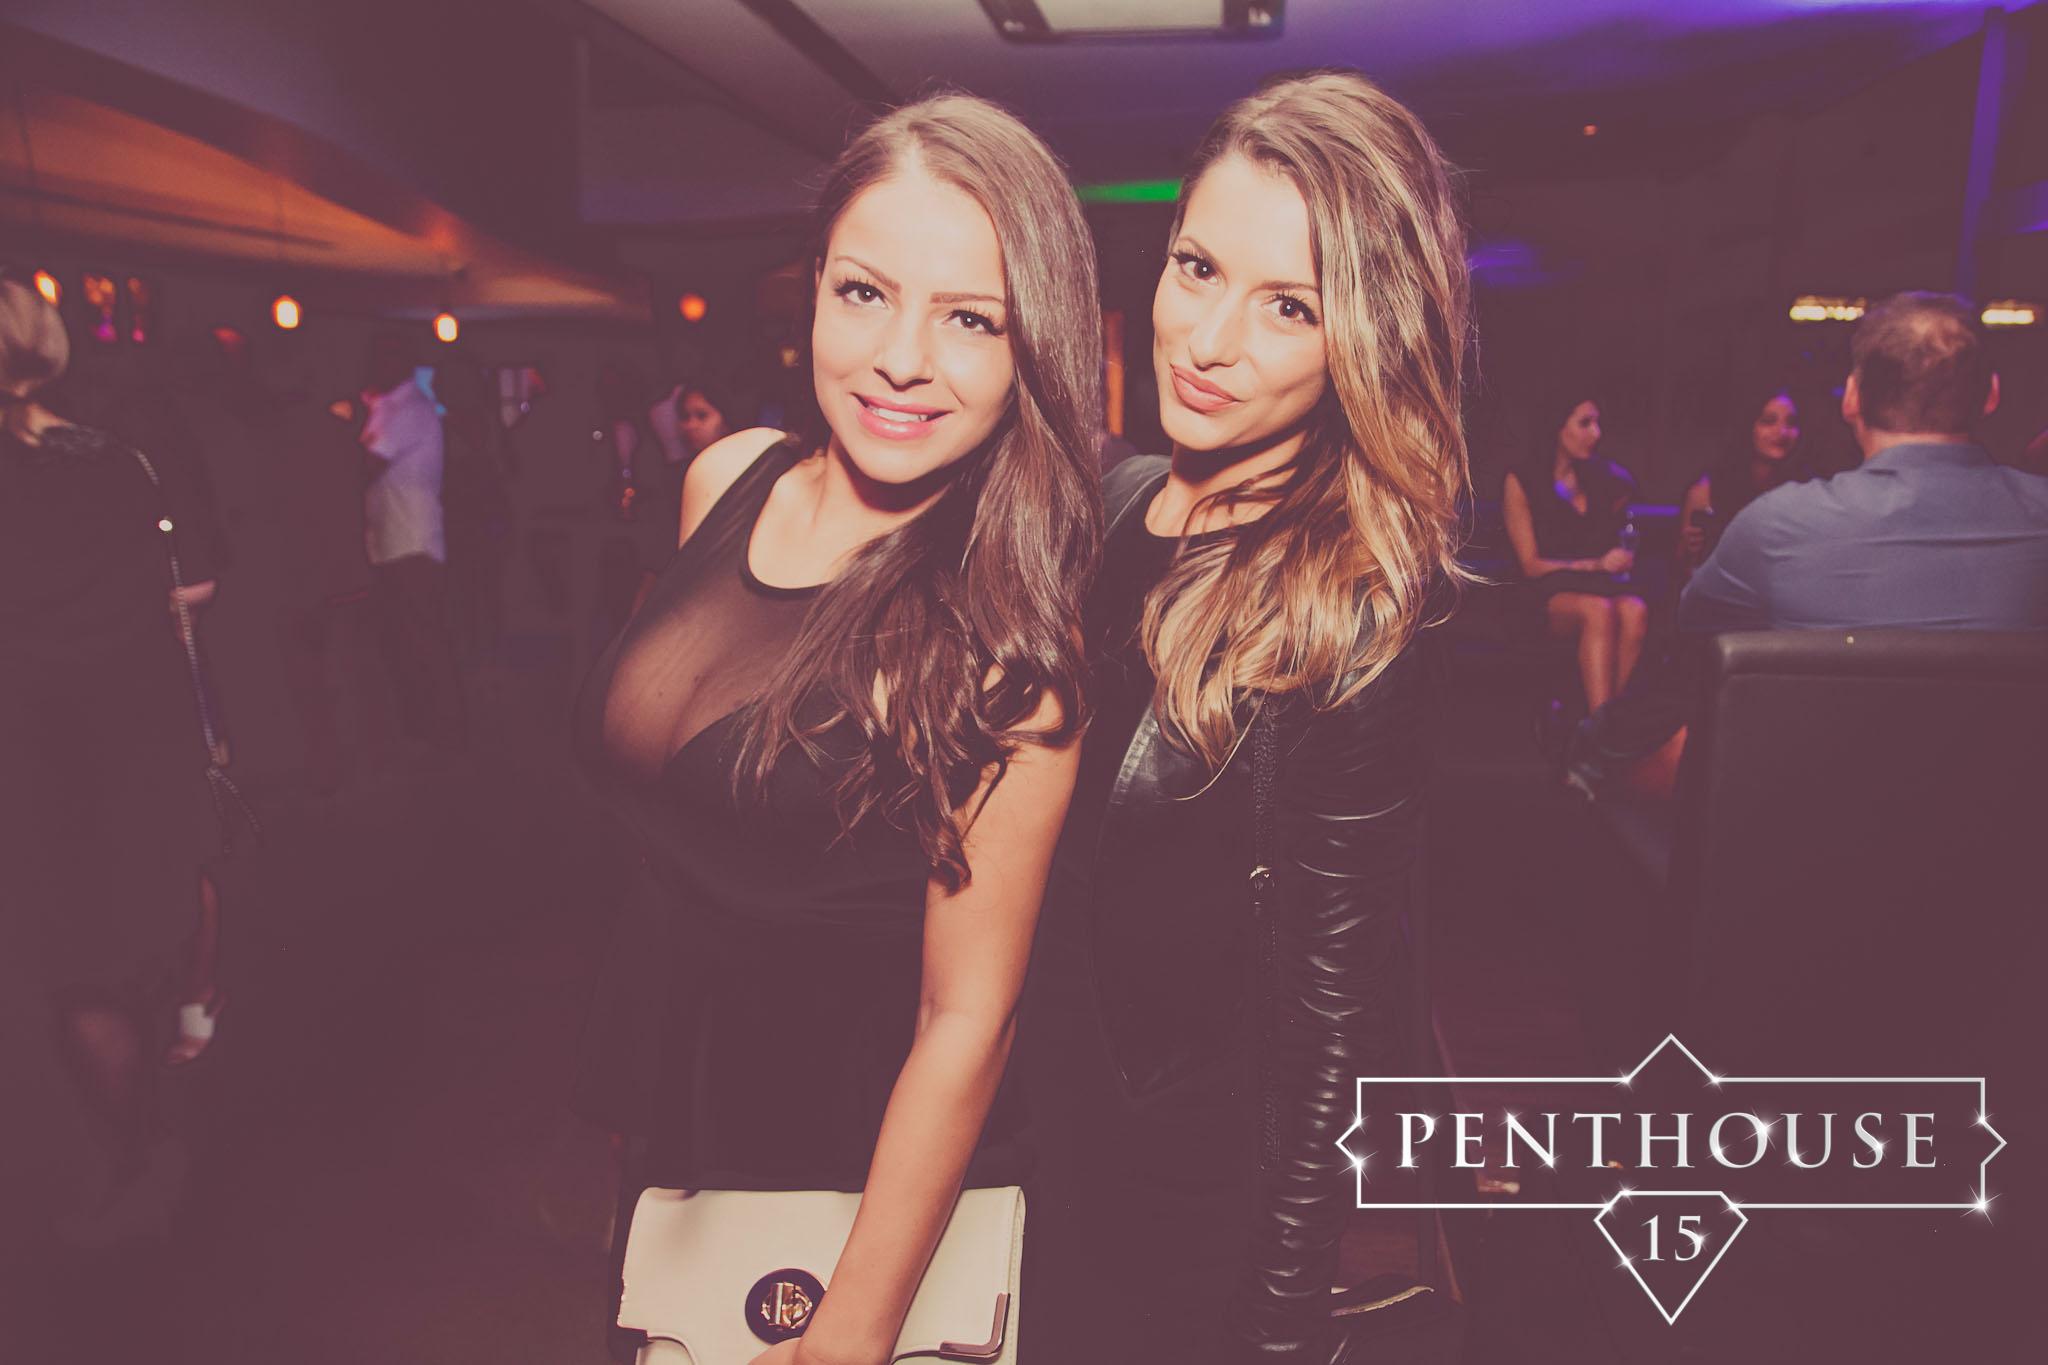 Penthouse_cream_0155.jpg